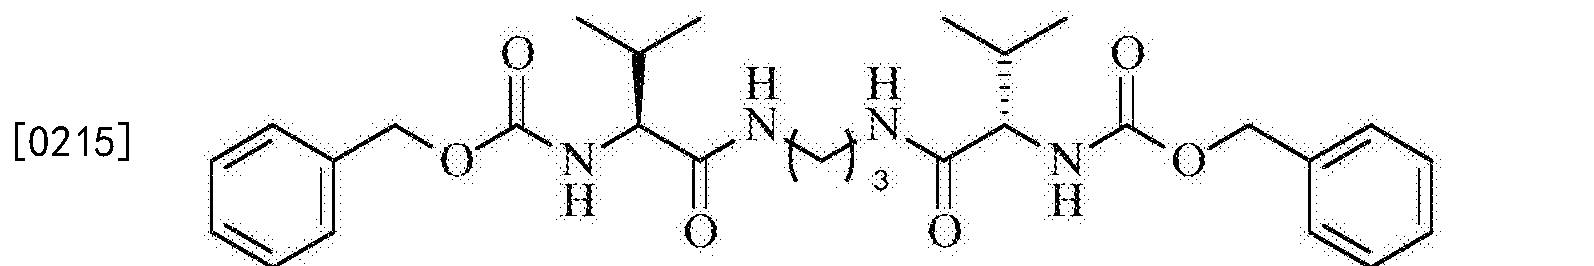 Figure CN105492587BD00243